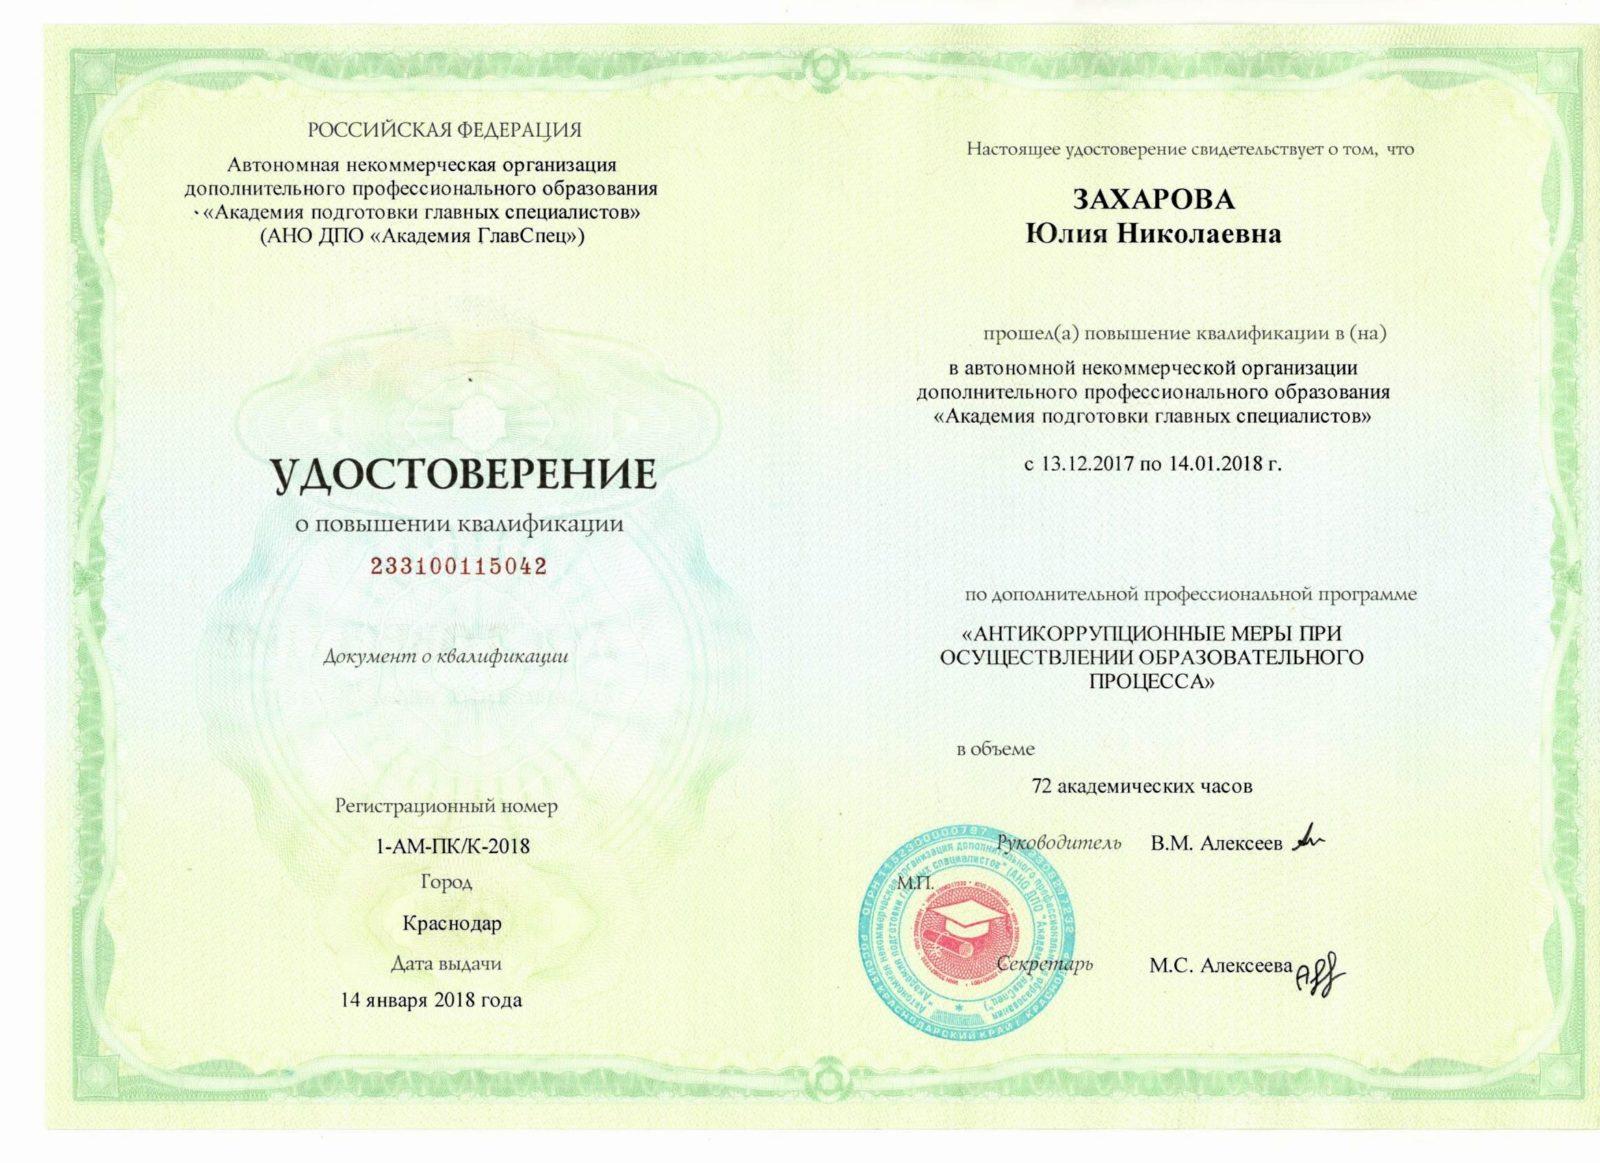 Удостоверение - Захарова